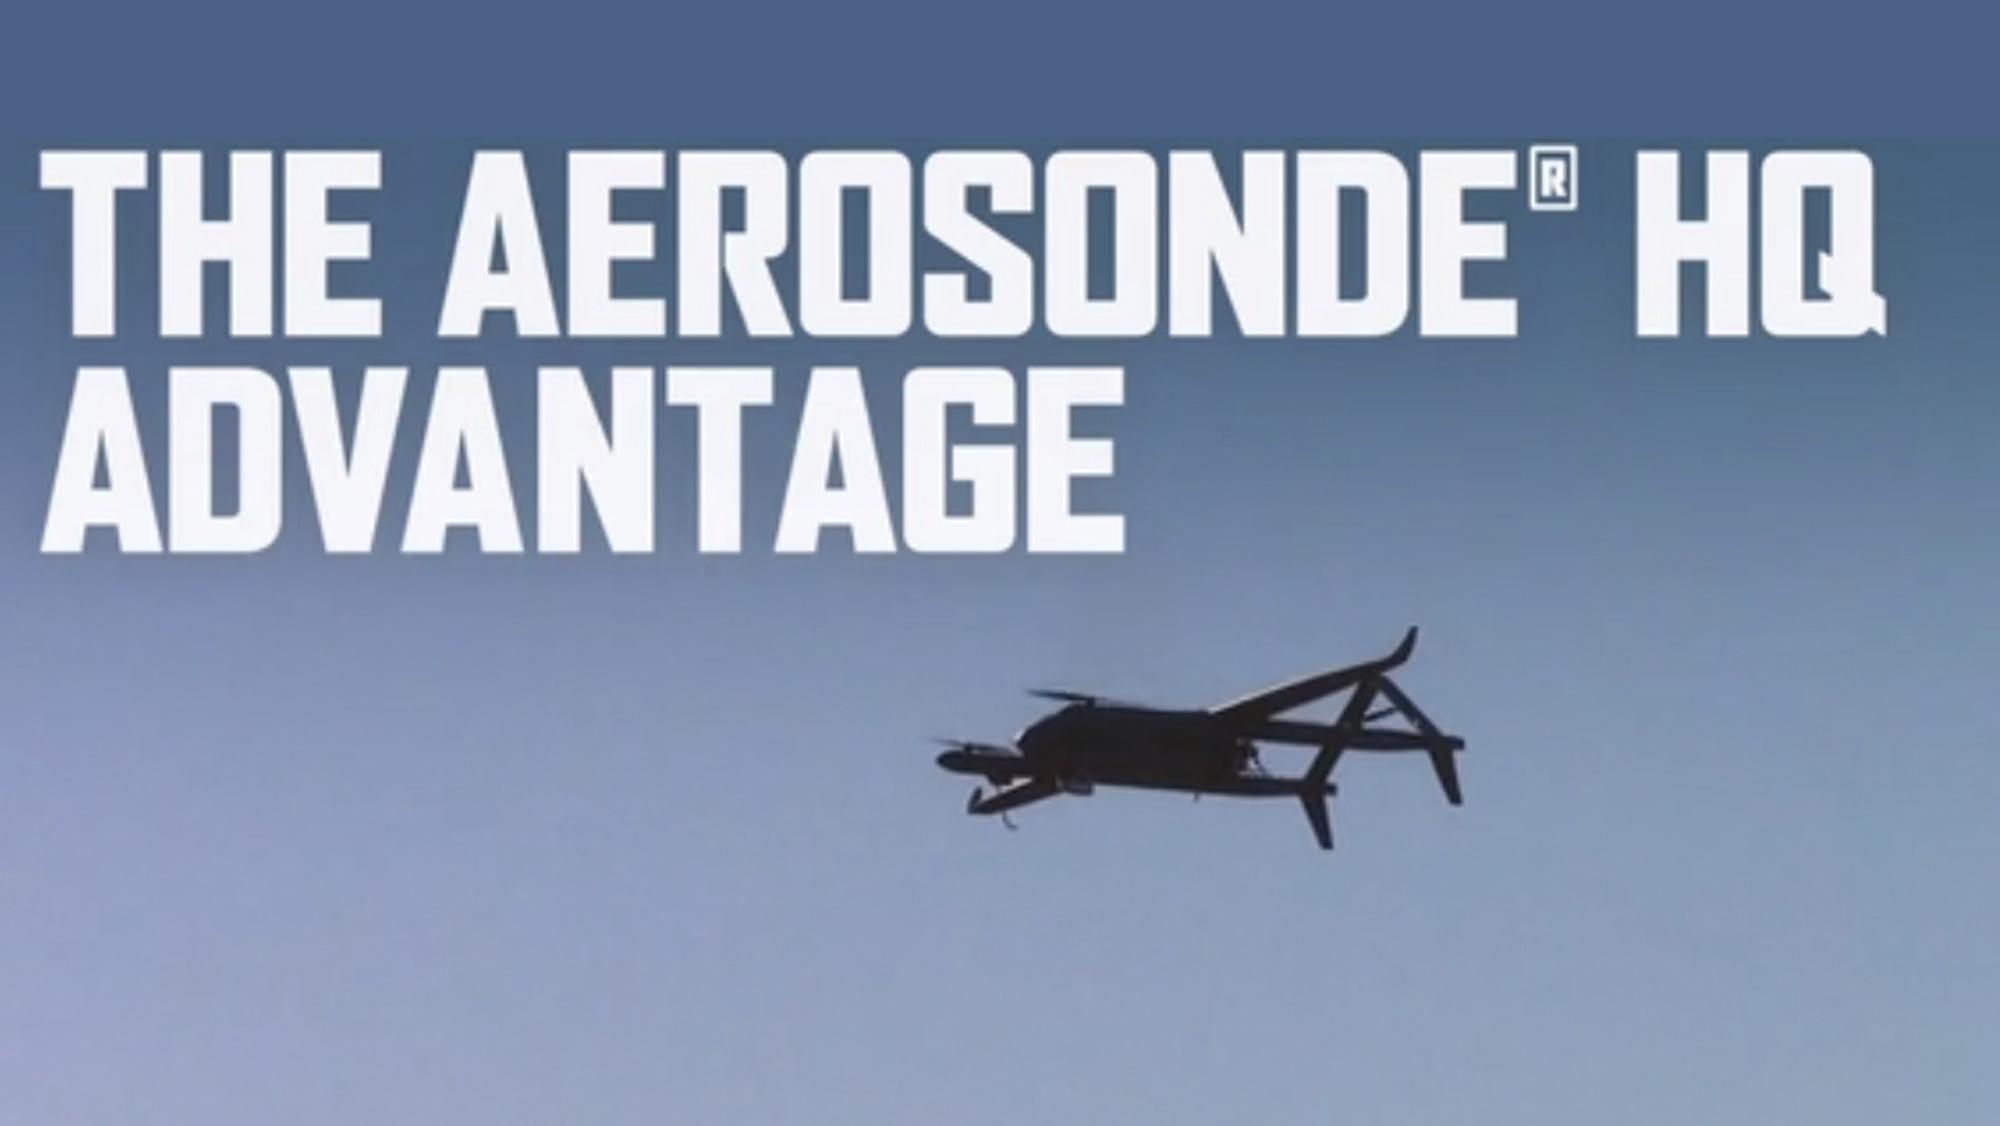 Aerosonde HQ